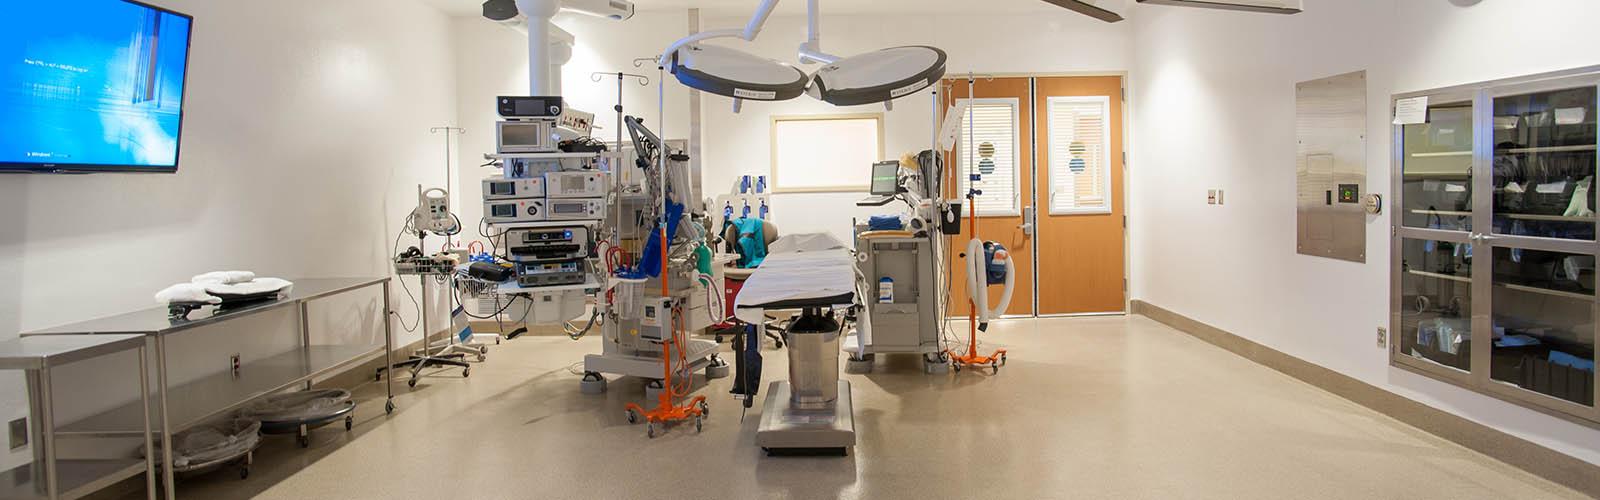 ViaChristi Hospital - Surgery